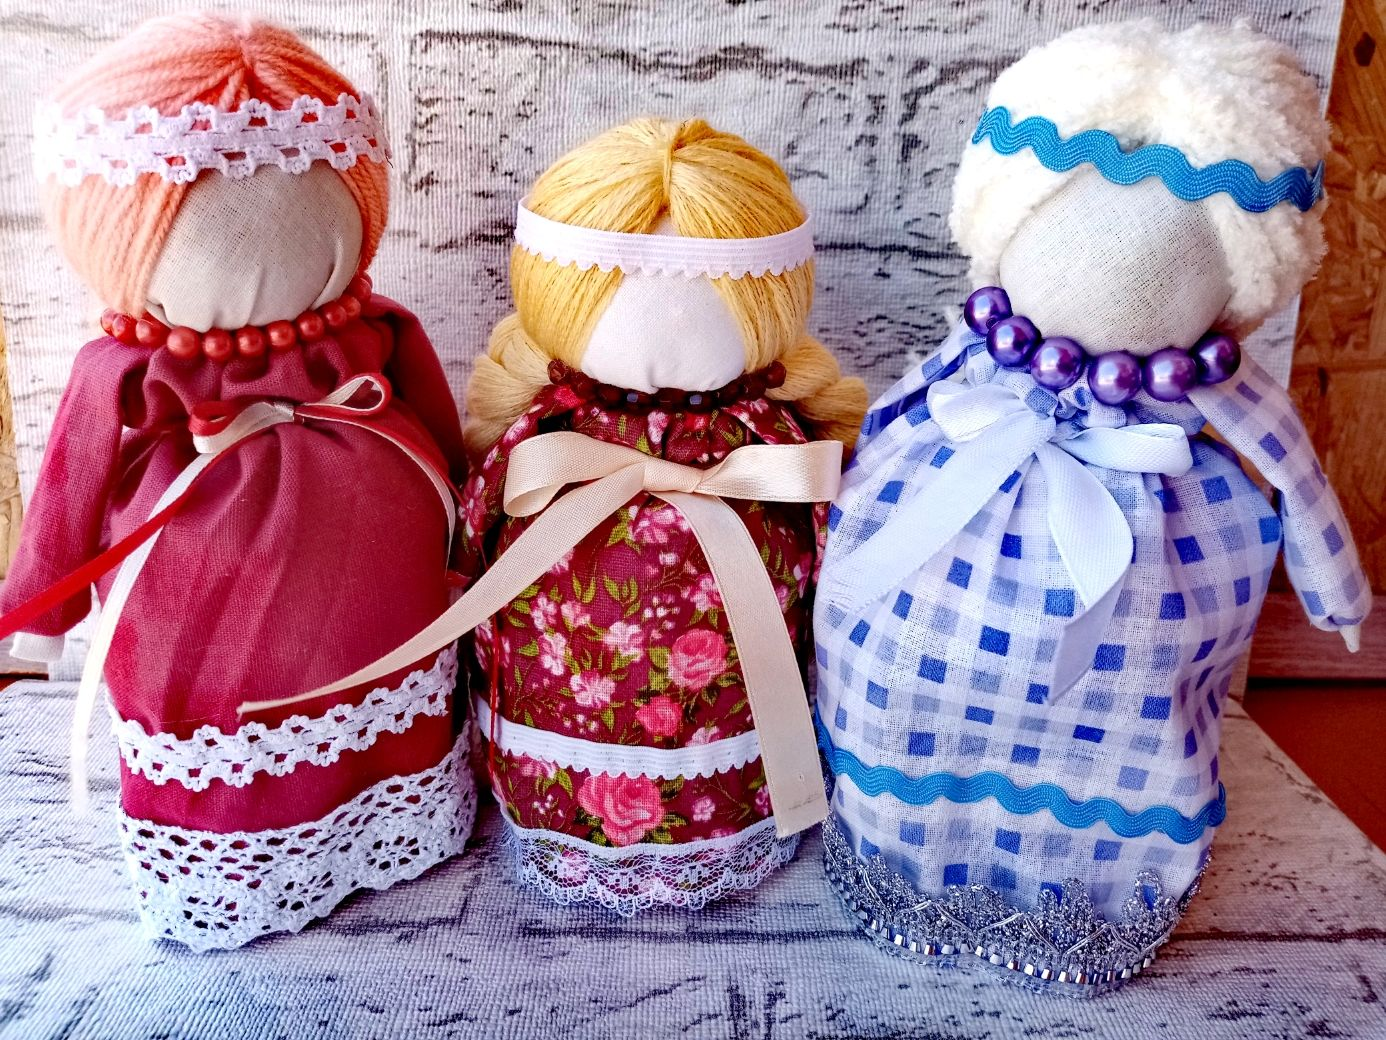 Кукла мотанка) Оберёг на беременность, Народная кукла, Зубцов,  Фото №1